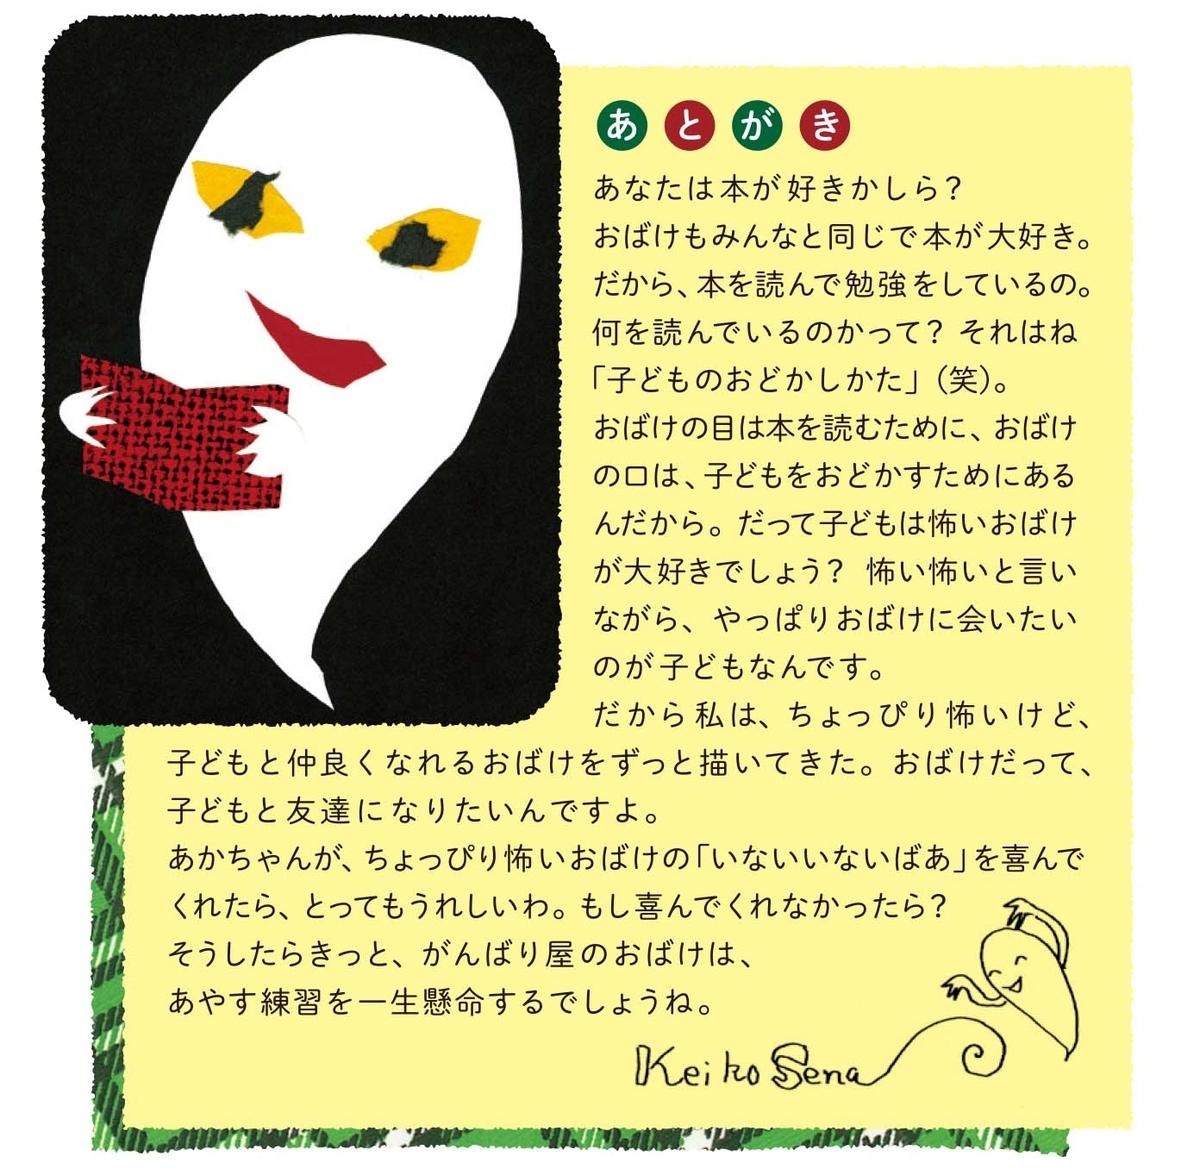 f:id:mojiru:20190701090021j:plain